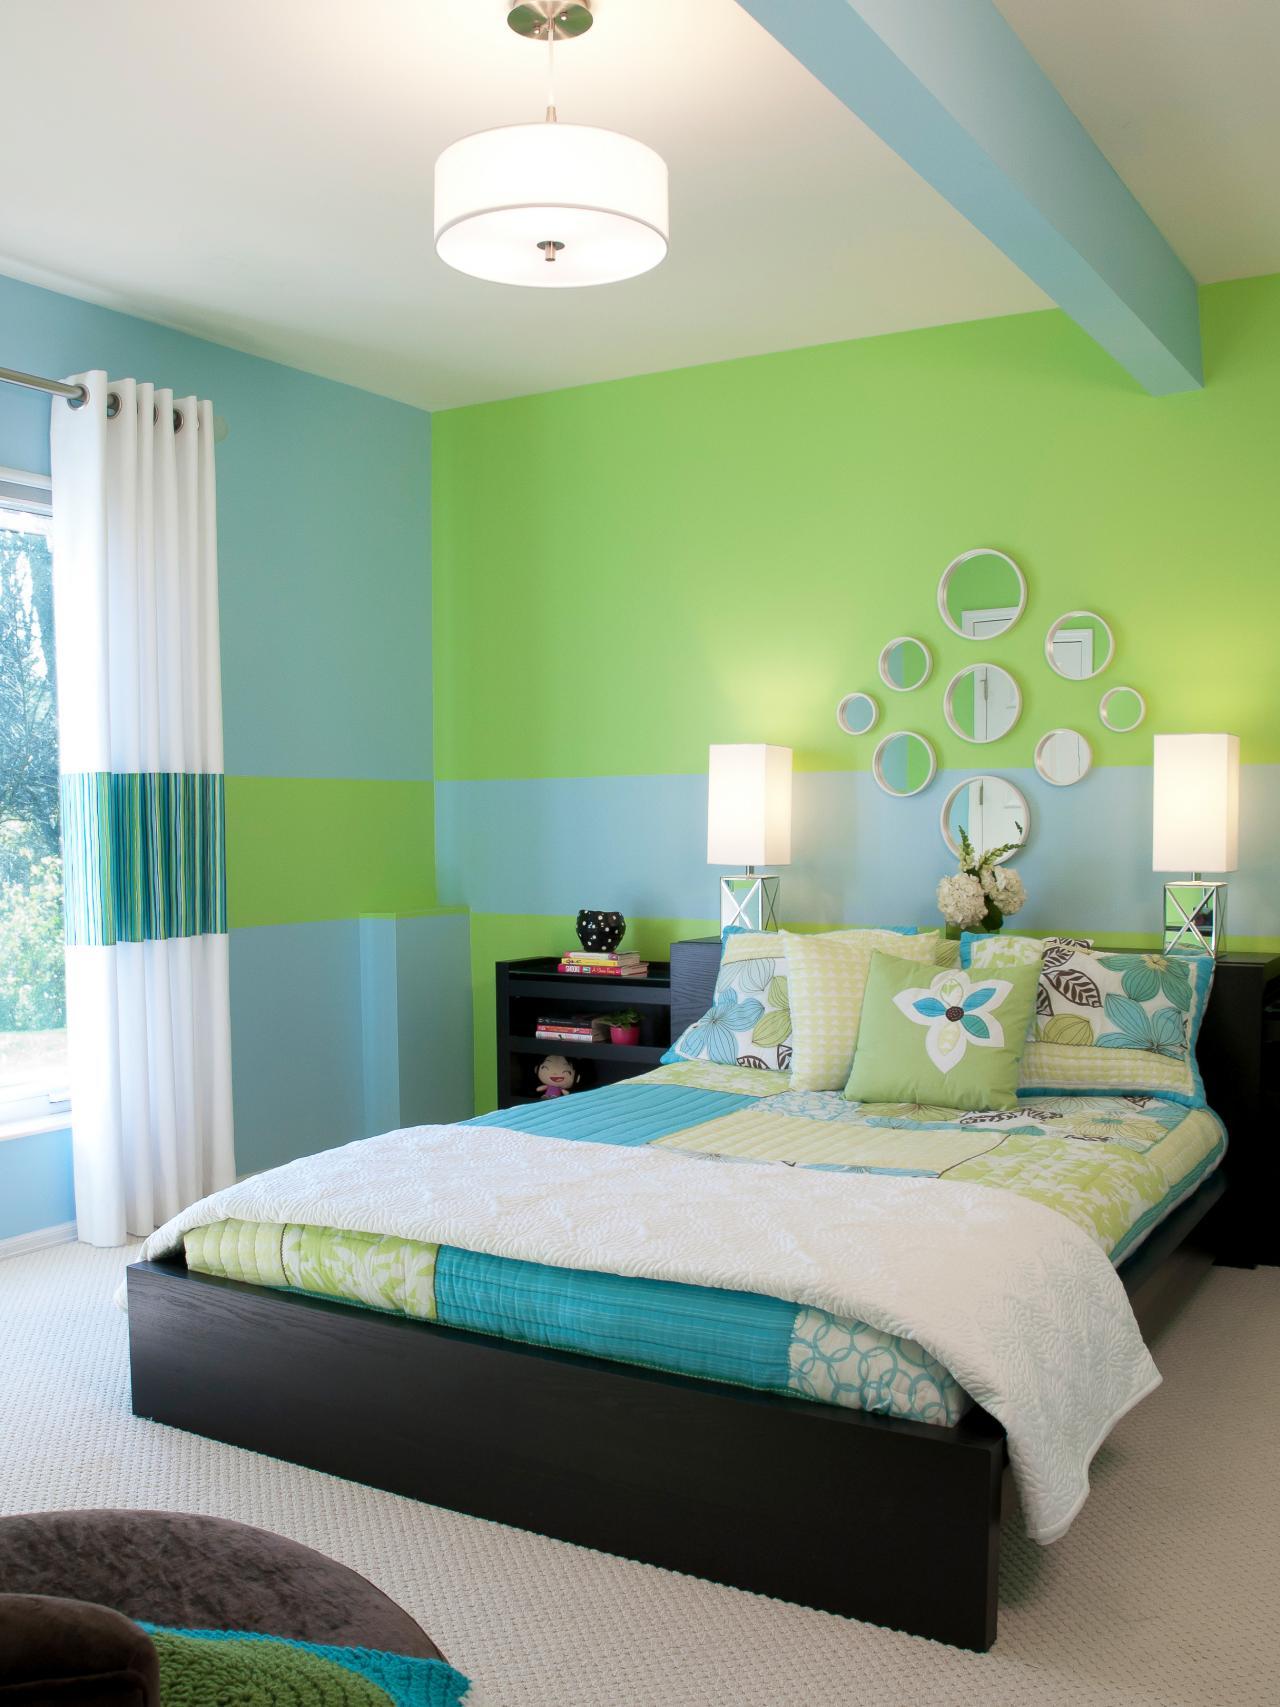 El verde, combinado con otros colores, queda bien en cualquier ambiente - harrisforcitycouncil